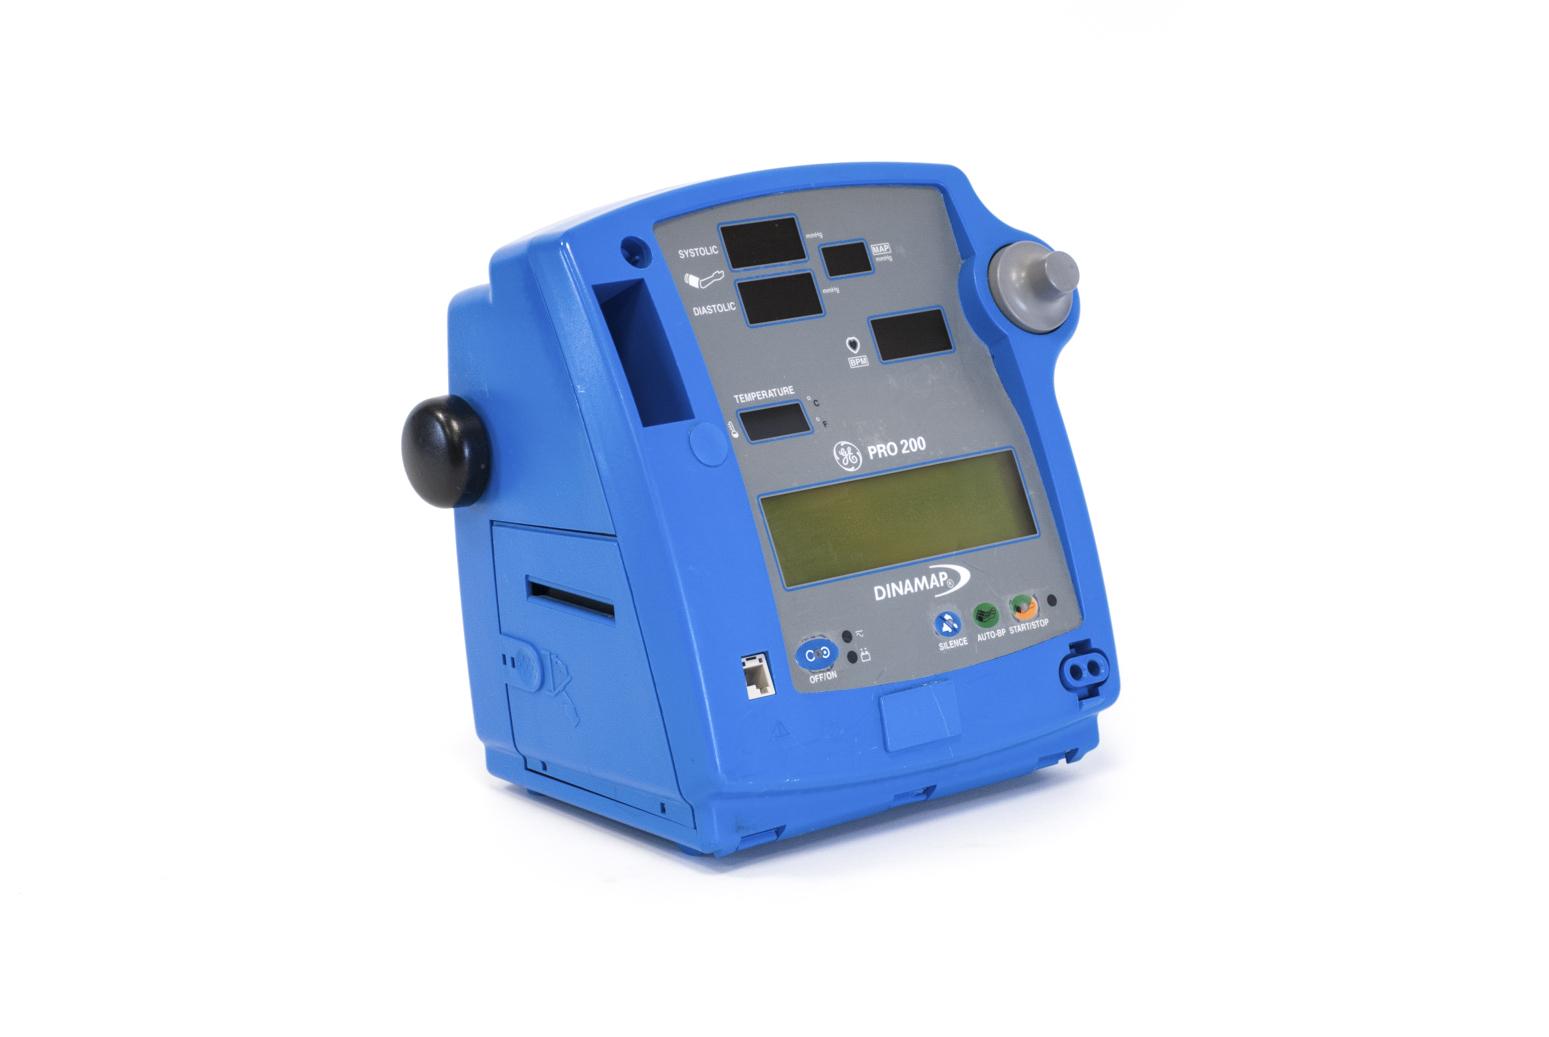 GE Dinamap Pro 200 Monitor - USOC Medical on